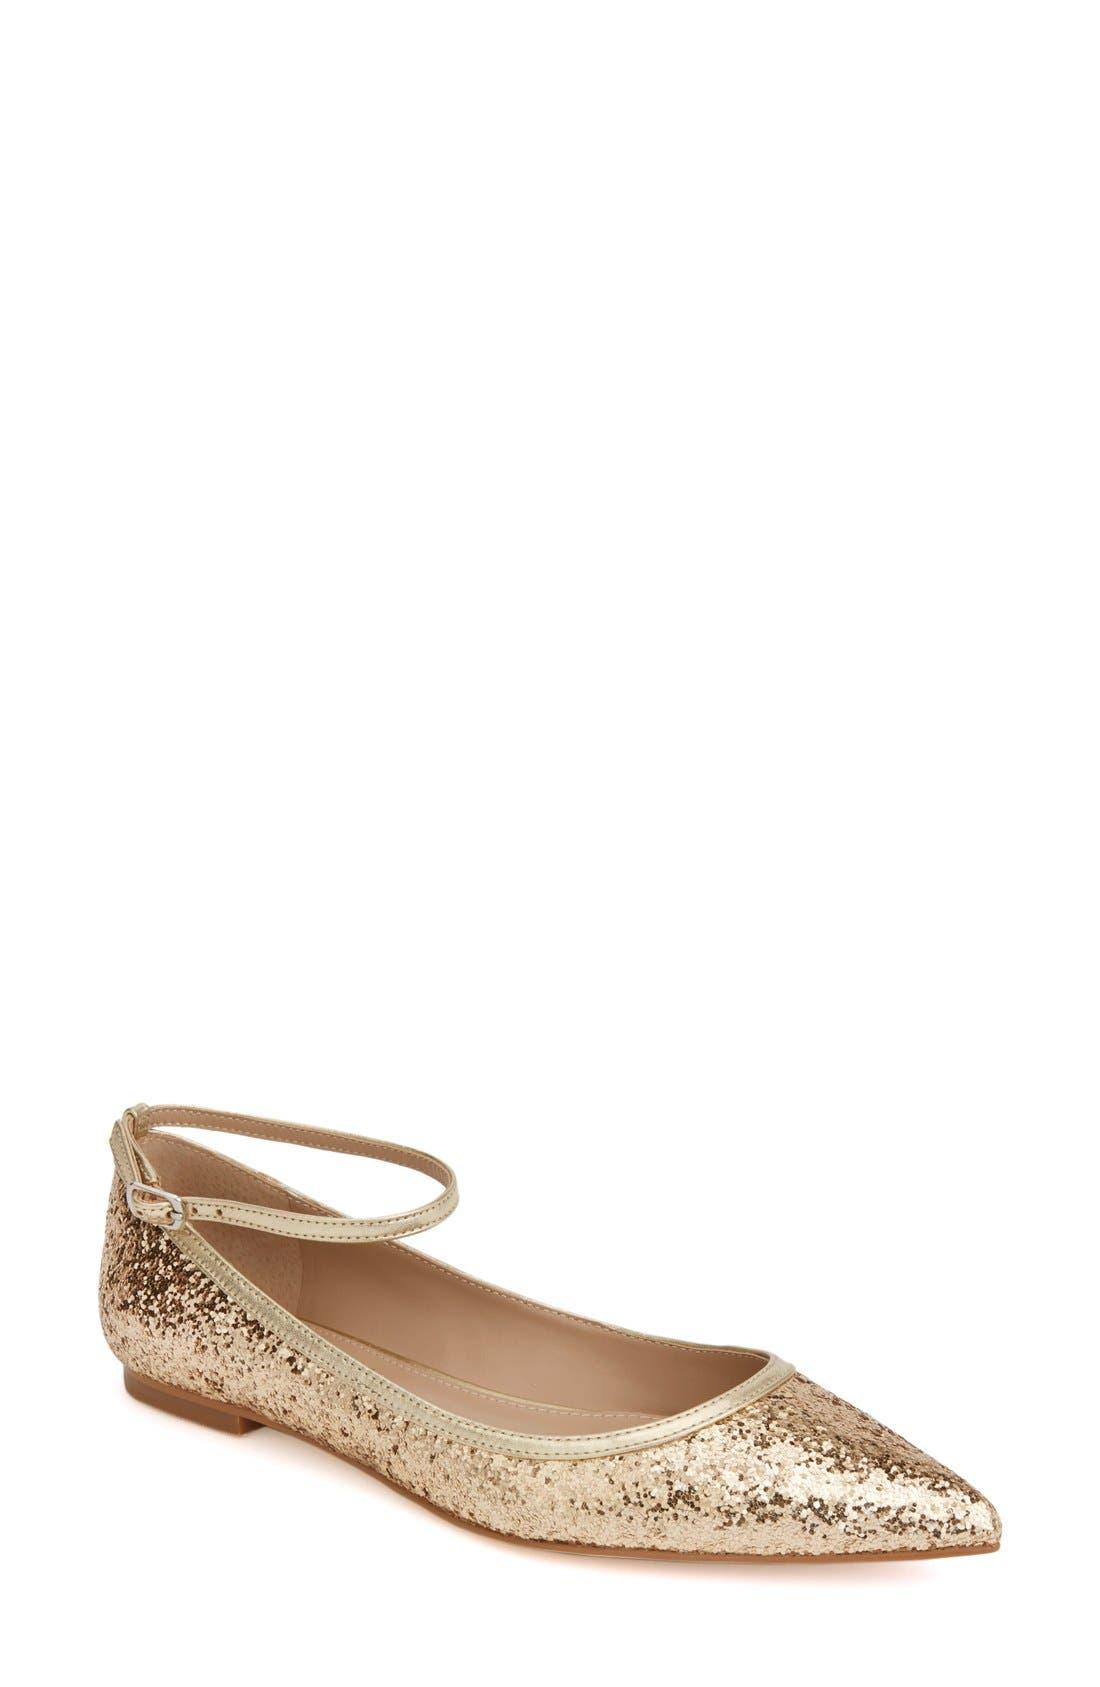 Shoes of Prey x Megan Hess Fleur-de-lis Collection Sparkle Flat (Women)